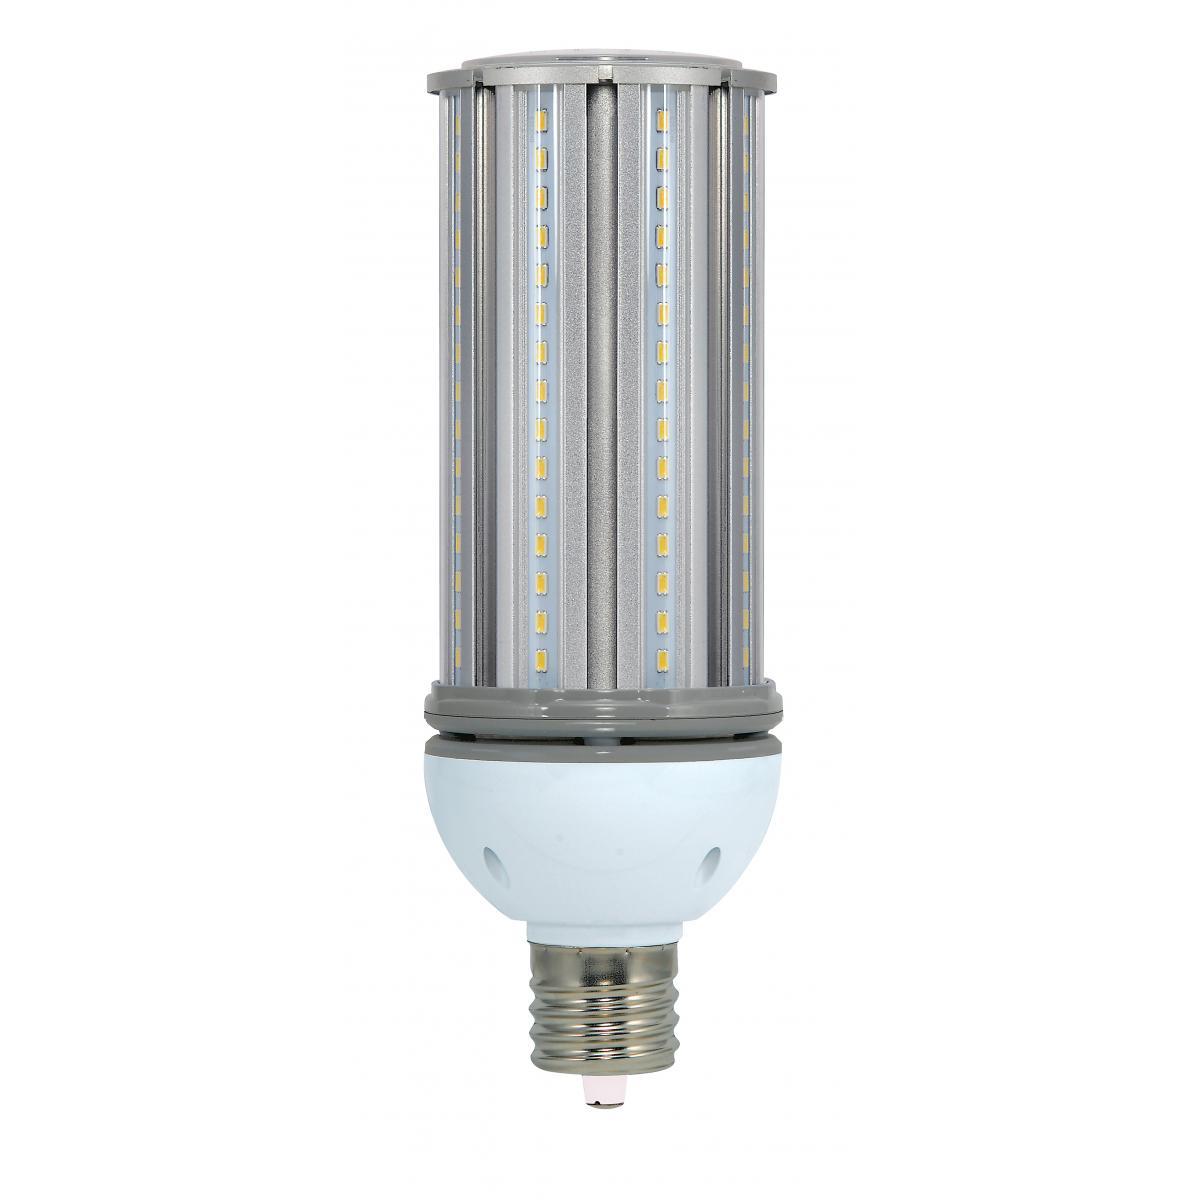 S8713 45W/LED/HID/50K/277-347V/EX39